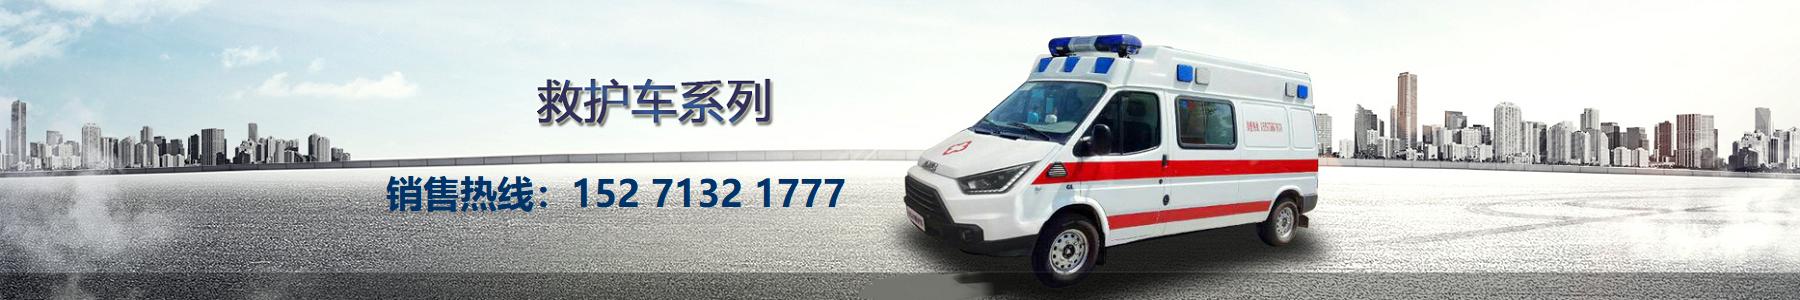 江铃救护车生产厂家15271321777